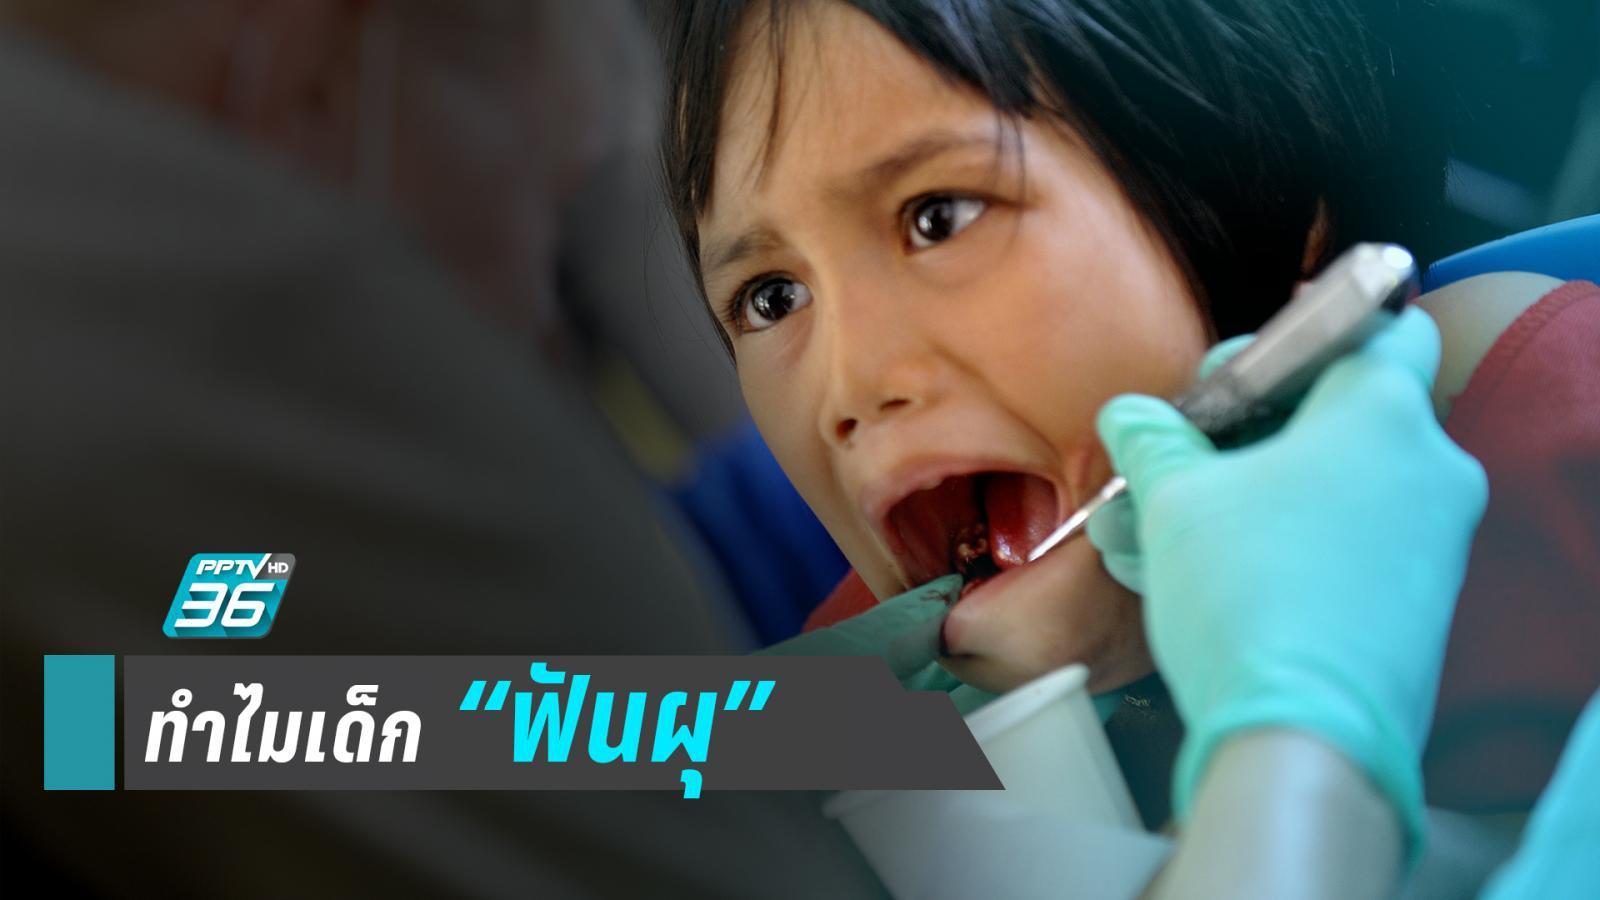 """""""เด็ก 3 ขวบฟันผุ"""" อุทาหรณ์สอนพ่อแม่ต้อง """"ดูแลฟันตั้งแต่ซี่แรกที่ขึ้น"""""""